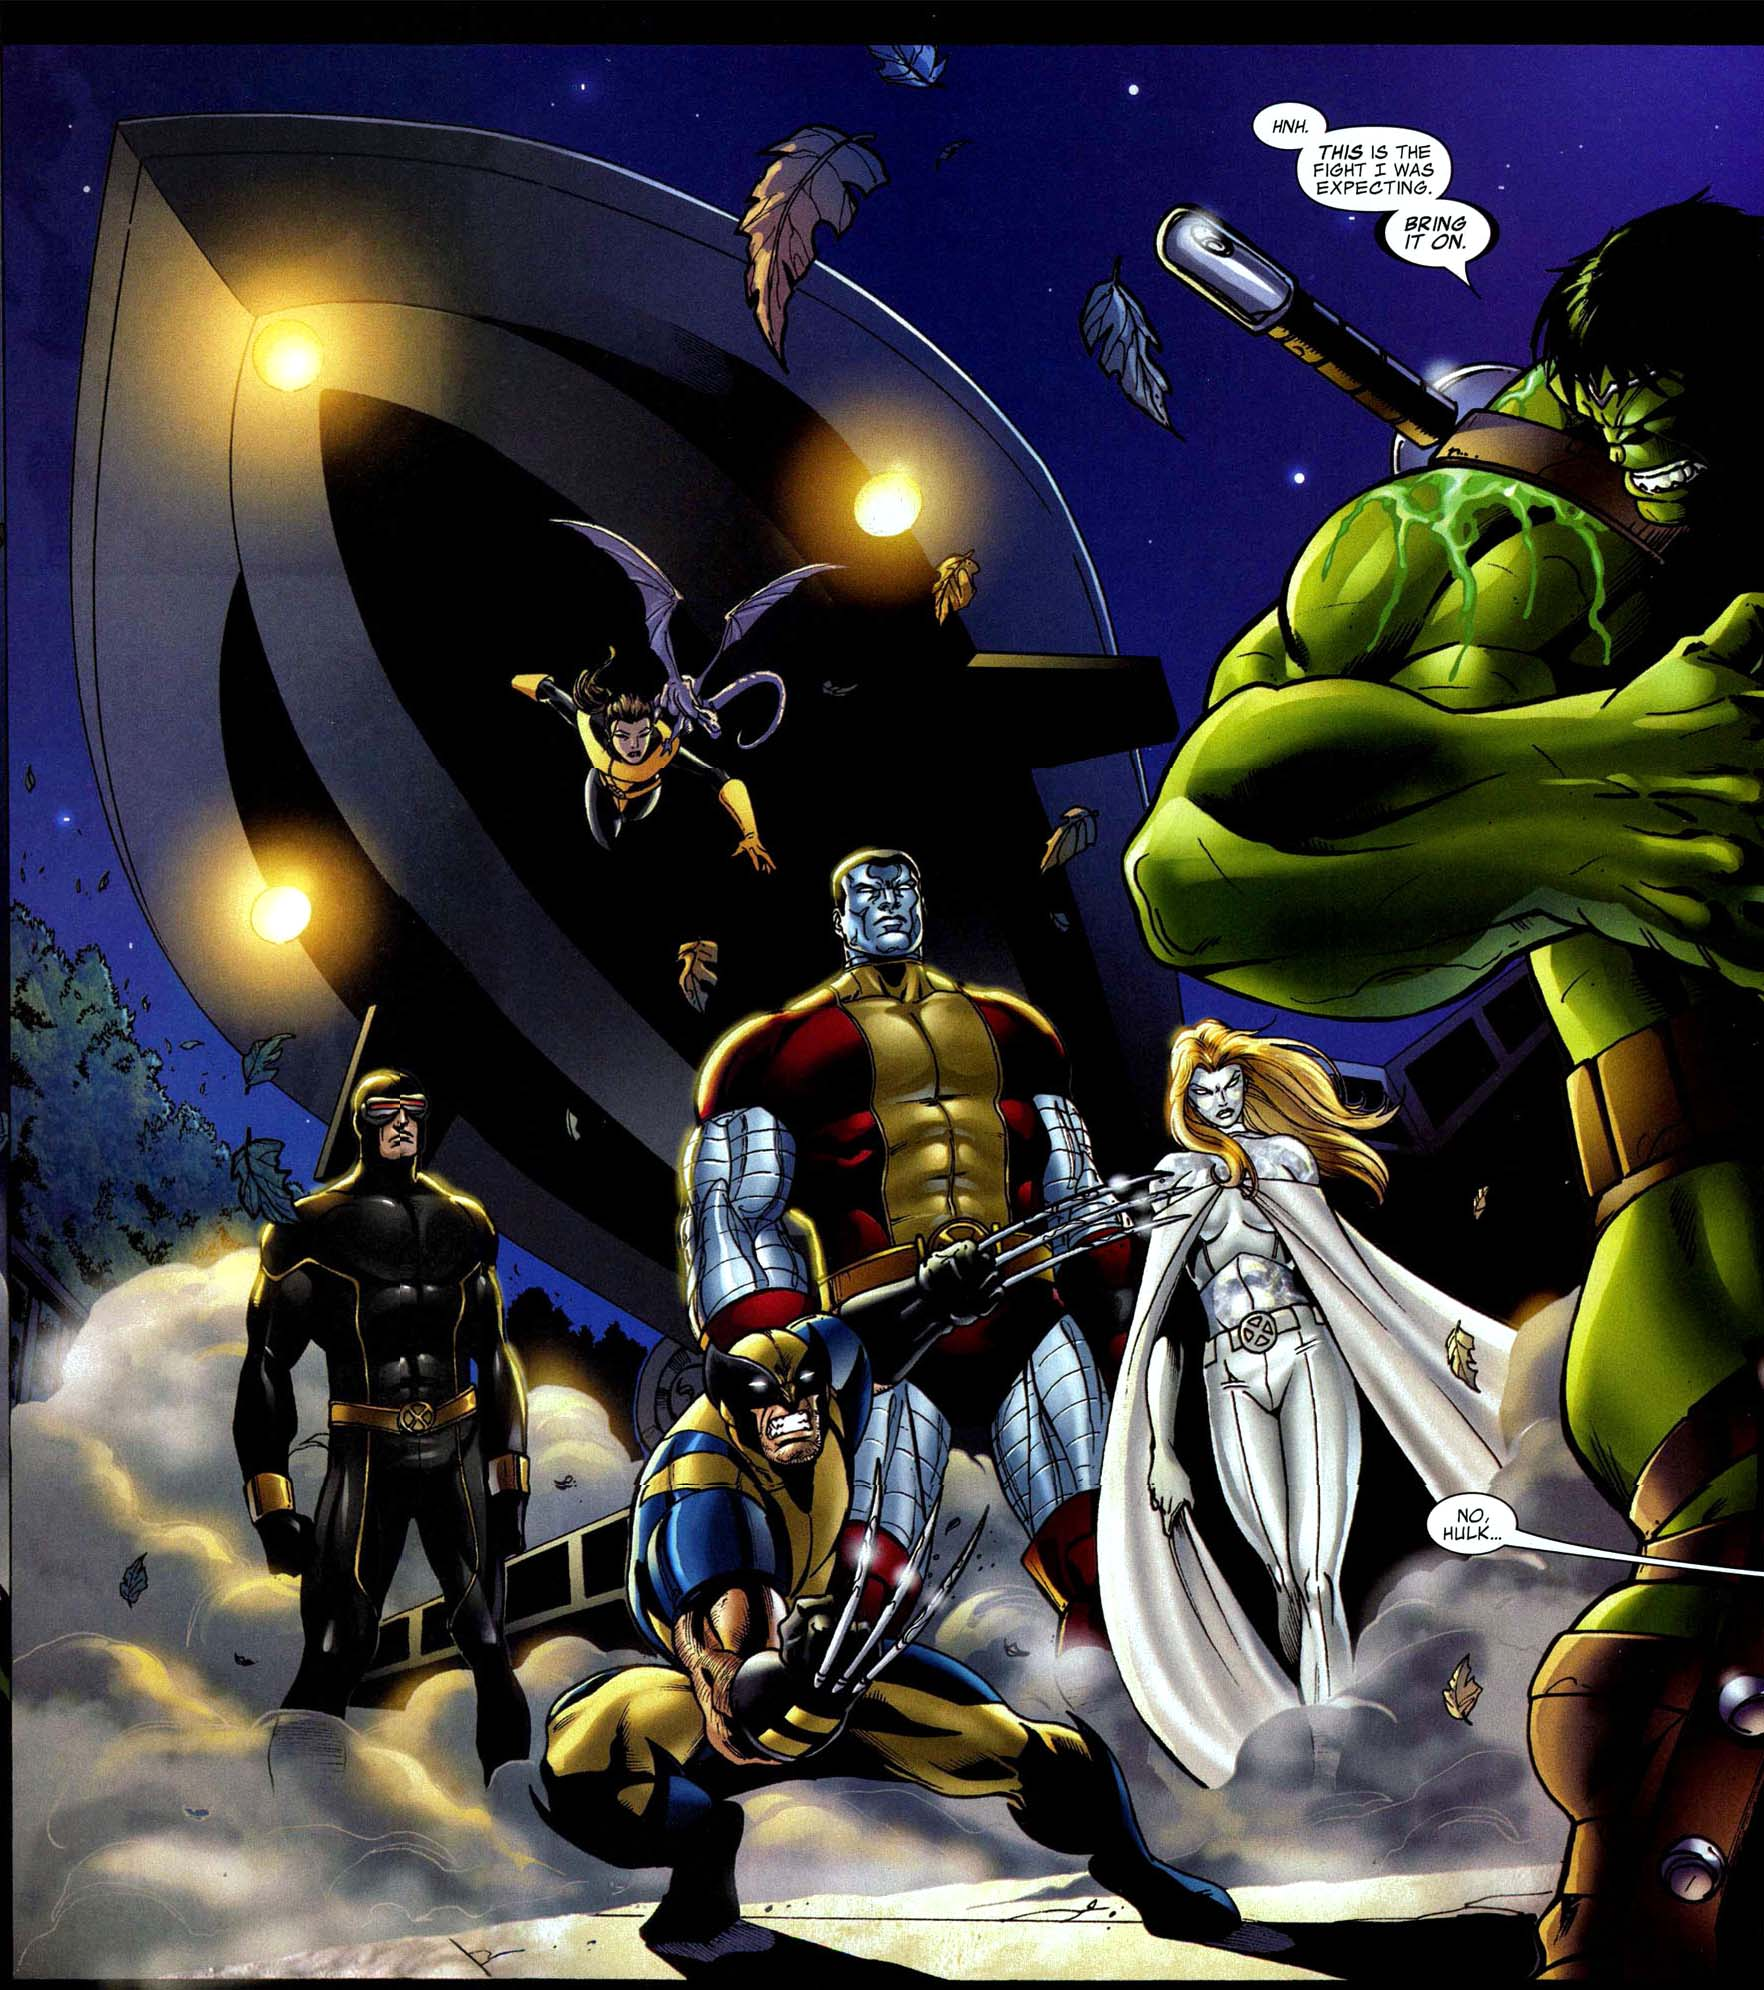 The Hulk VS Astonishing X-men